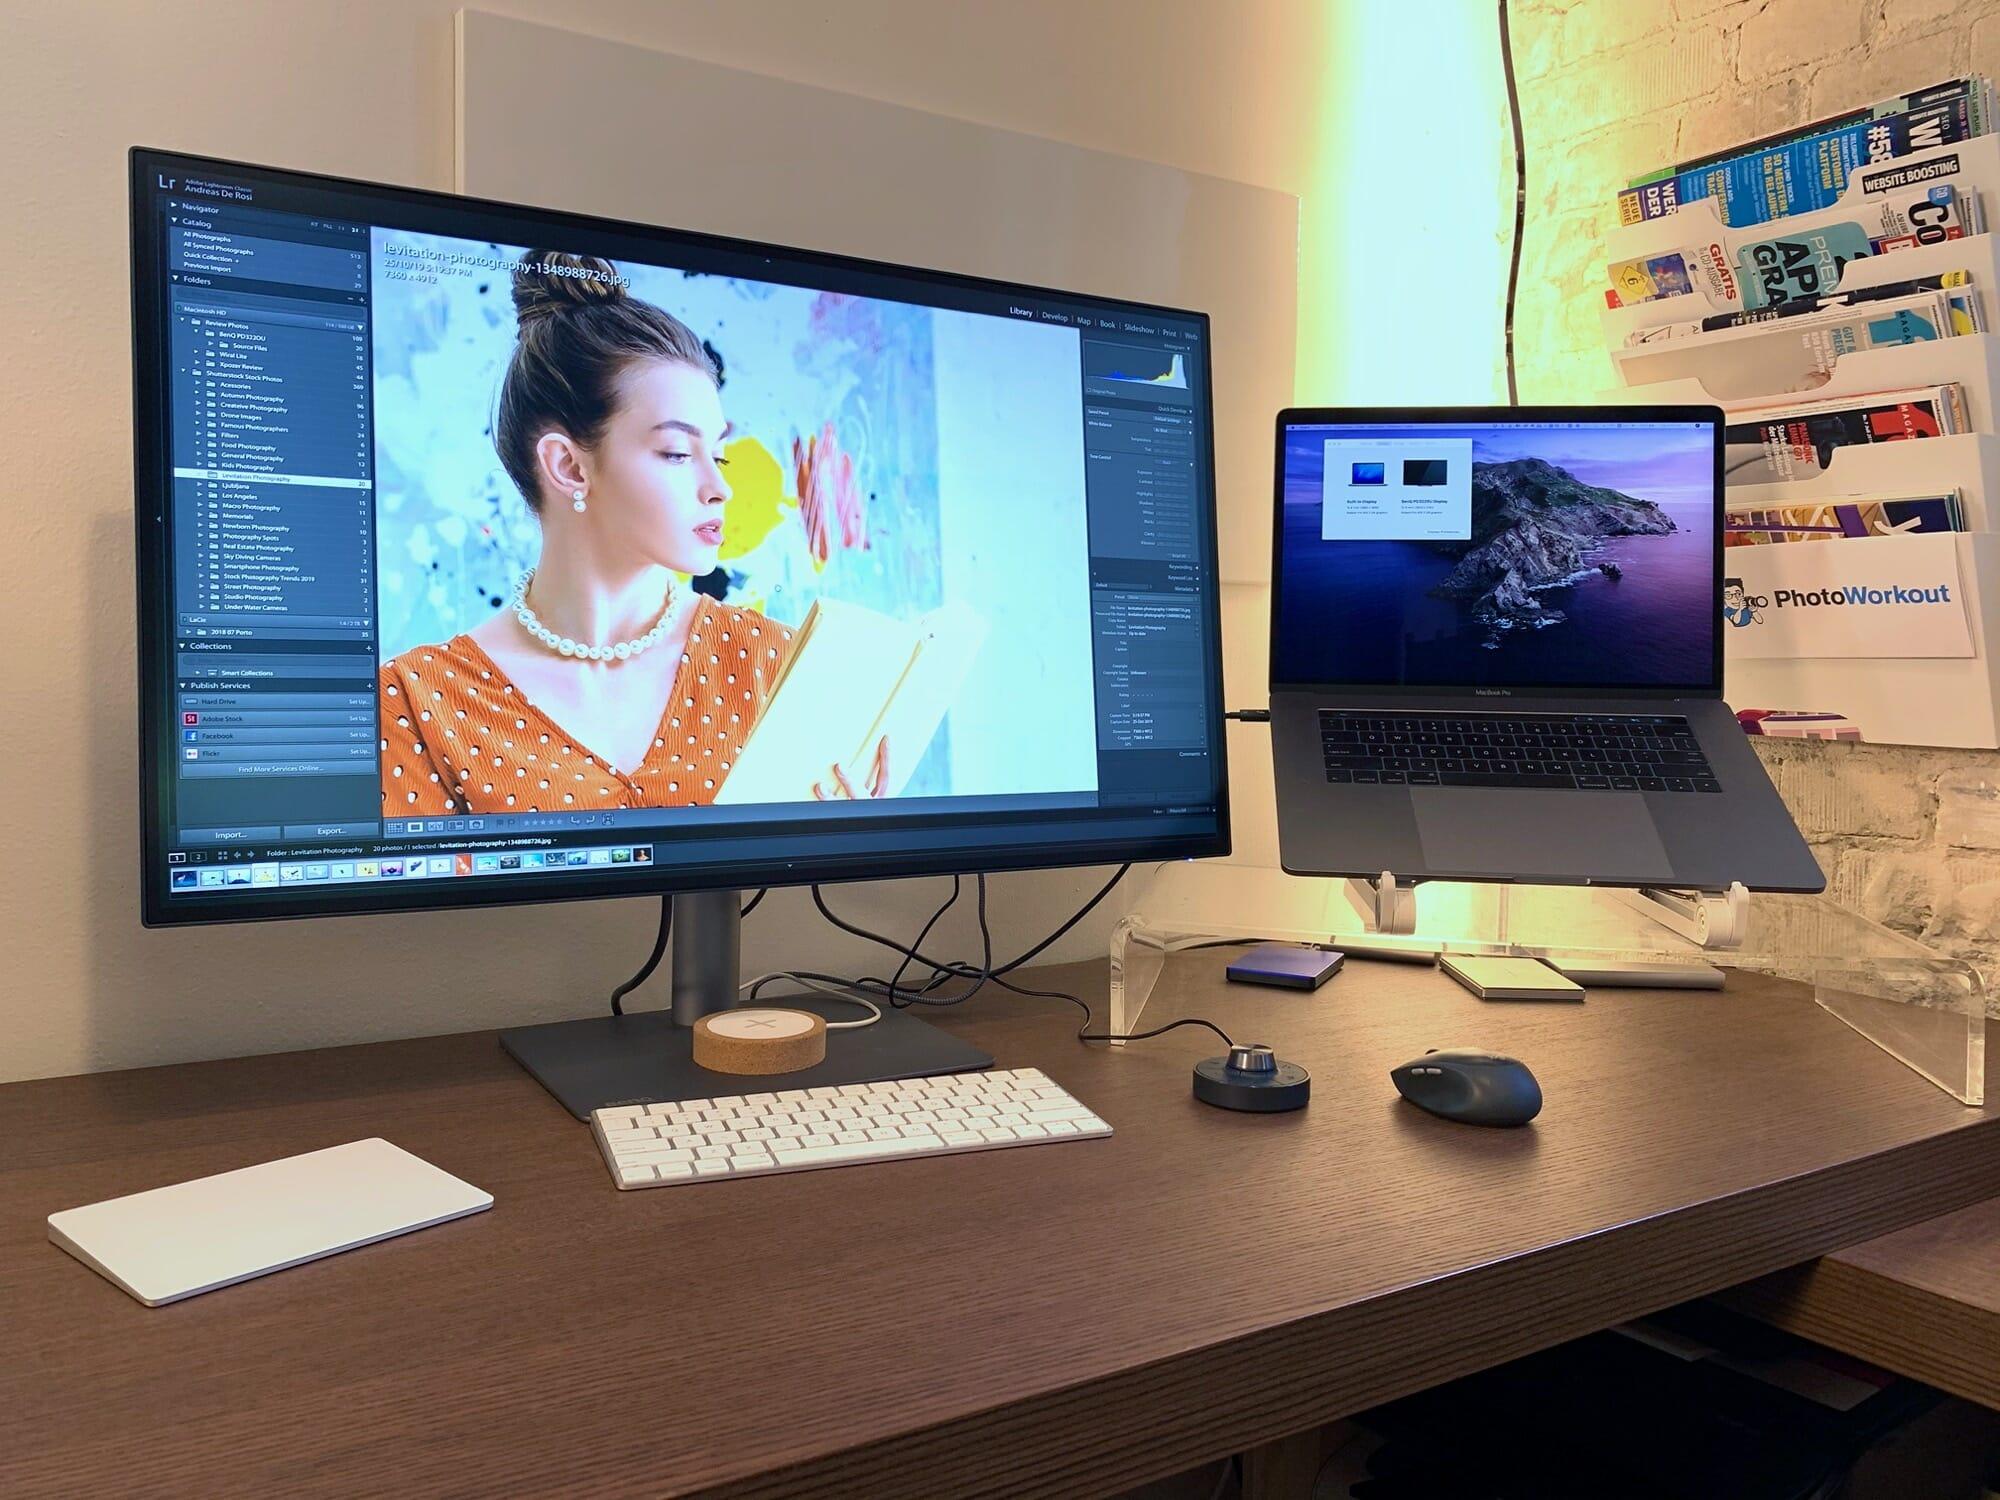 BenQ PD3220U - Beste Monitor Voor Fotobewerking (Multi kleurruimtes)